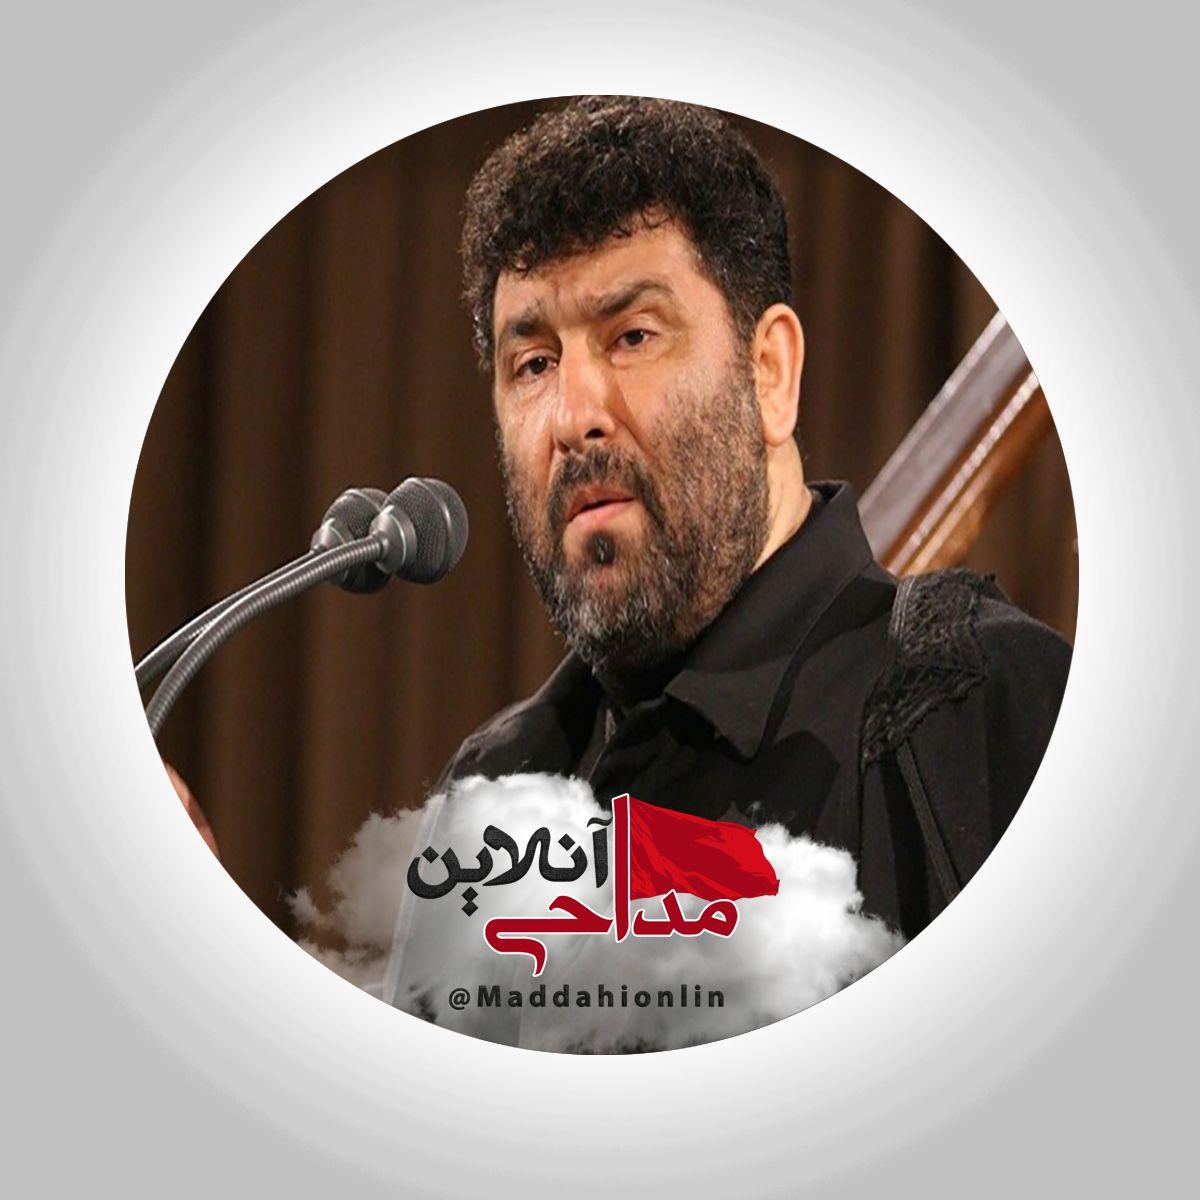 حاج سعید حدادیان شب نهم تاسوعا محرم ۹۸